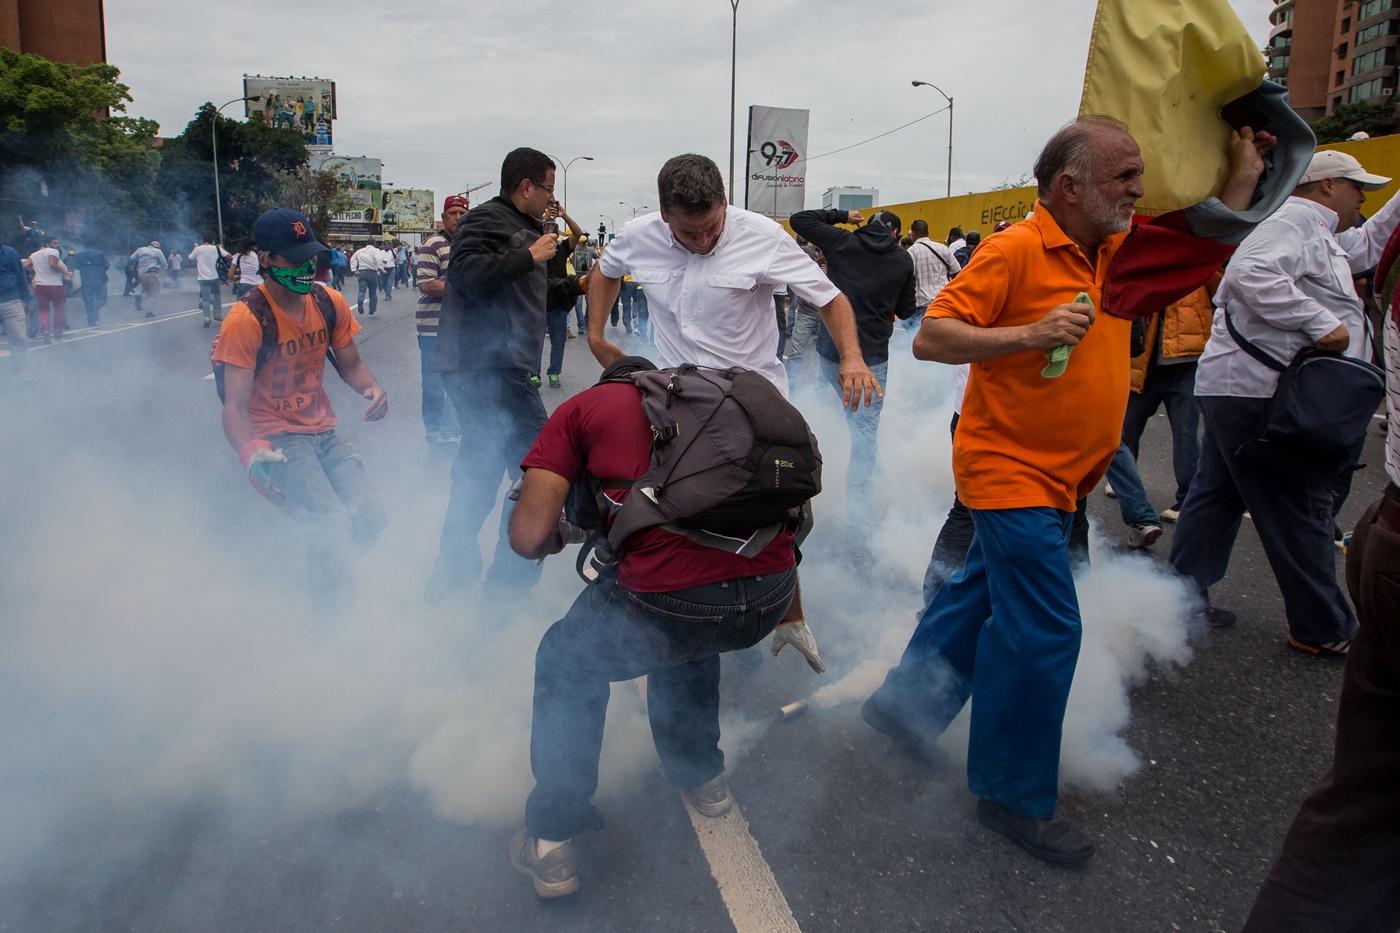 CAR007. CARACAS (VENEZUELA), 03/05/2017 - Un grupo de diputados de la Asamblea Nacional reacciona ante una bomba de gas lacrimógeno lanzada por la policía durante una mnaifestación que encabezan hoy, miércoles 3 de mayo de 2017, en Caracas (Venezuela). La Guardia Nacional Bolivariana (GNB, policía militarizada) de Venezuela dispersó hoy con gases lacrimógenos una movilización opositora en el este de Caracas que pretendía llegar hasta la sede de la Asamblea Nacional (AN, Parlamento), ubicada en el centro de la capital. EFE/MIGUEL GUTIERREZ